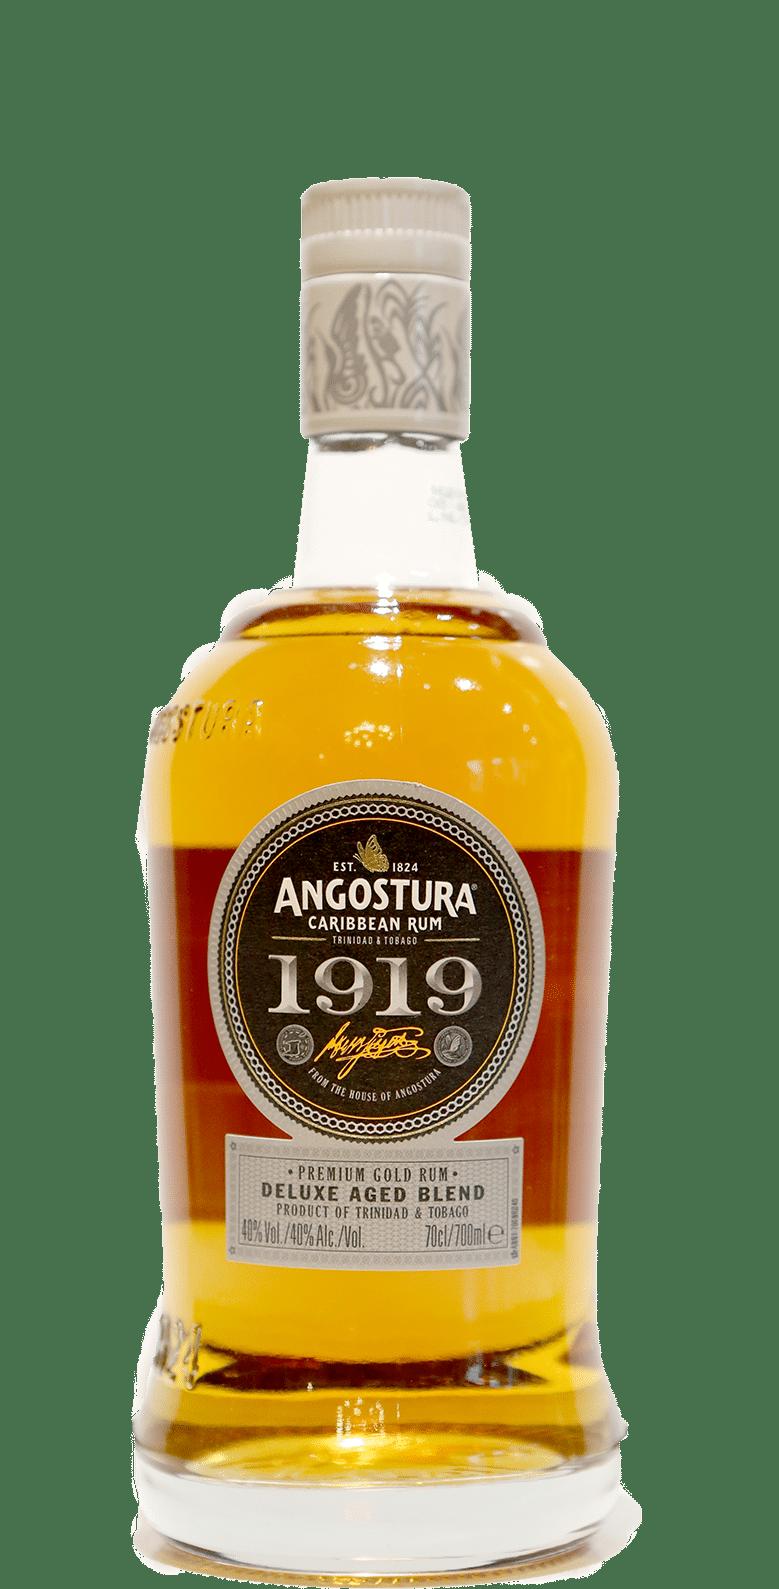 664-angostura